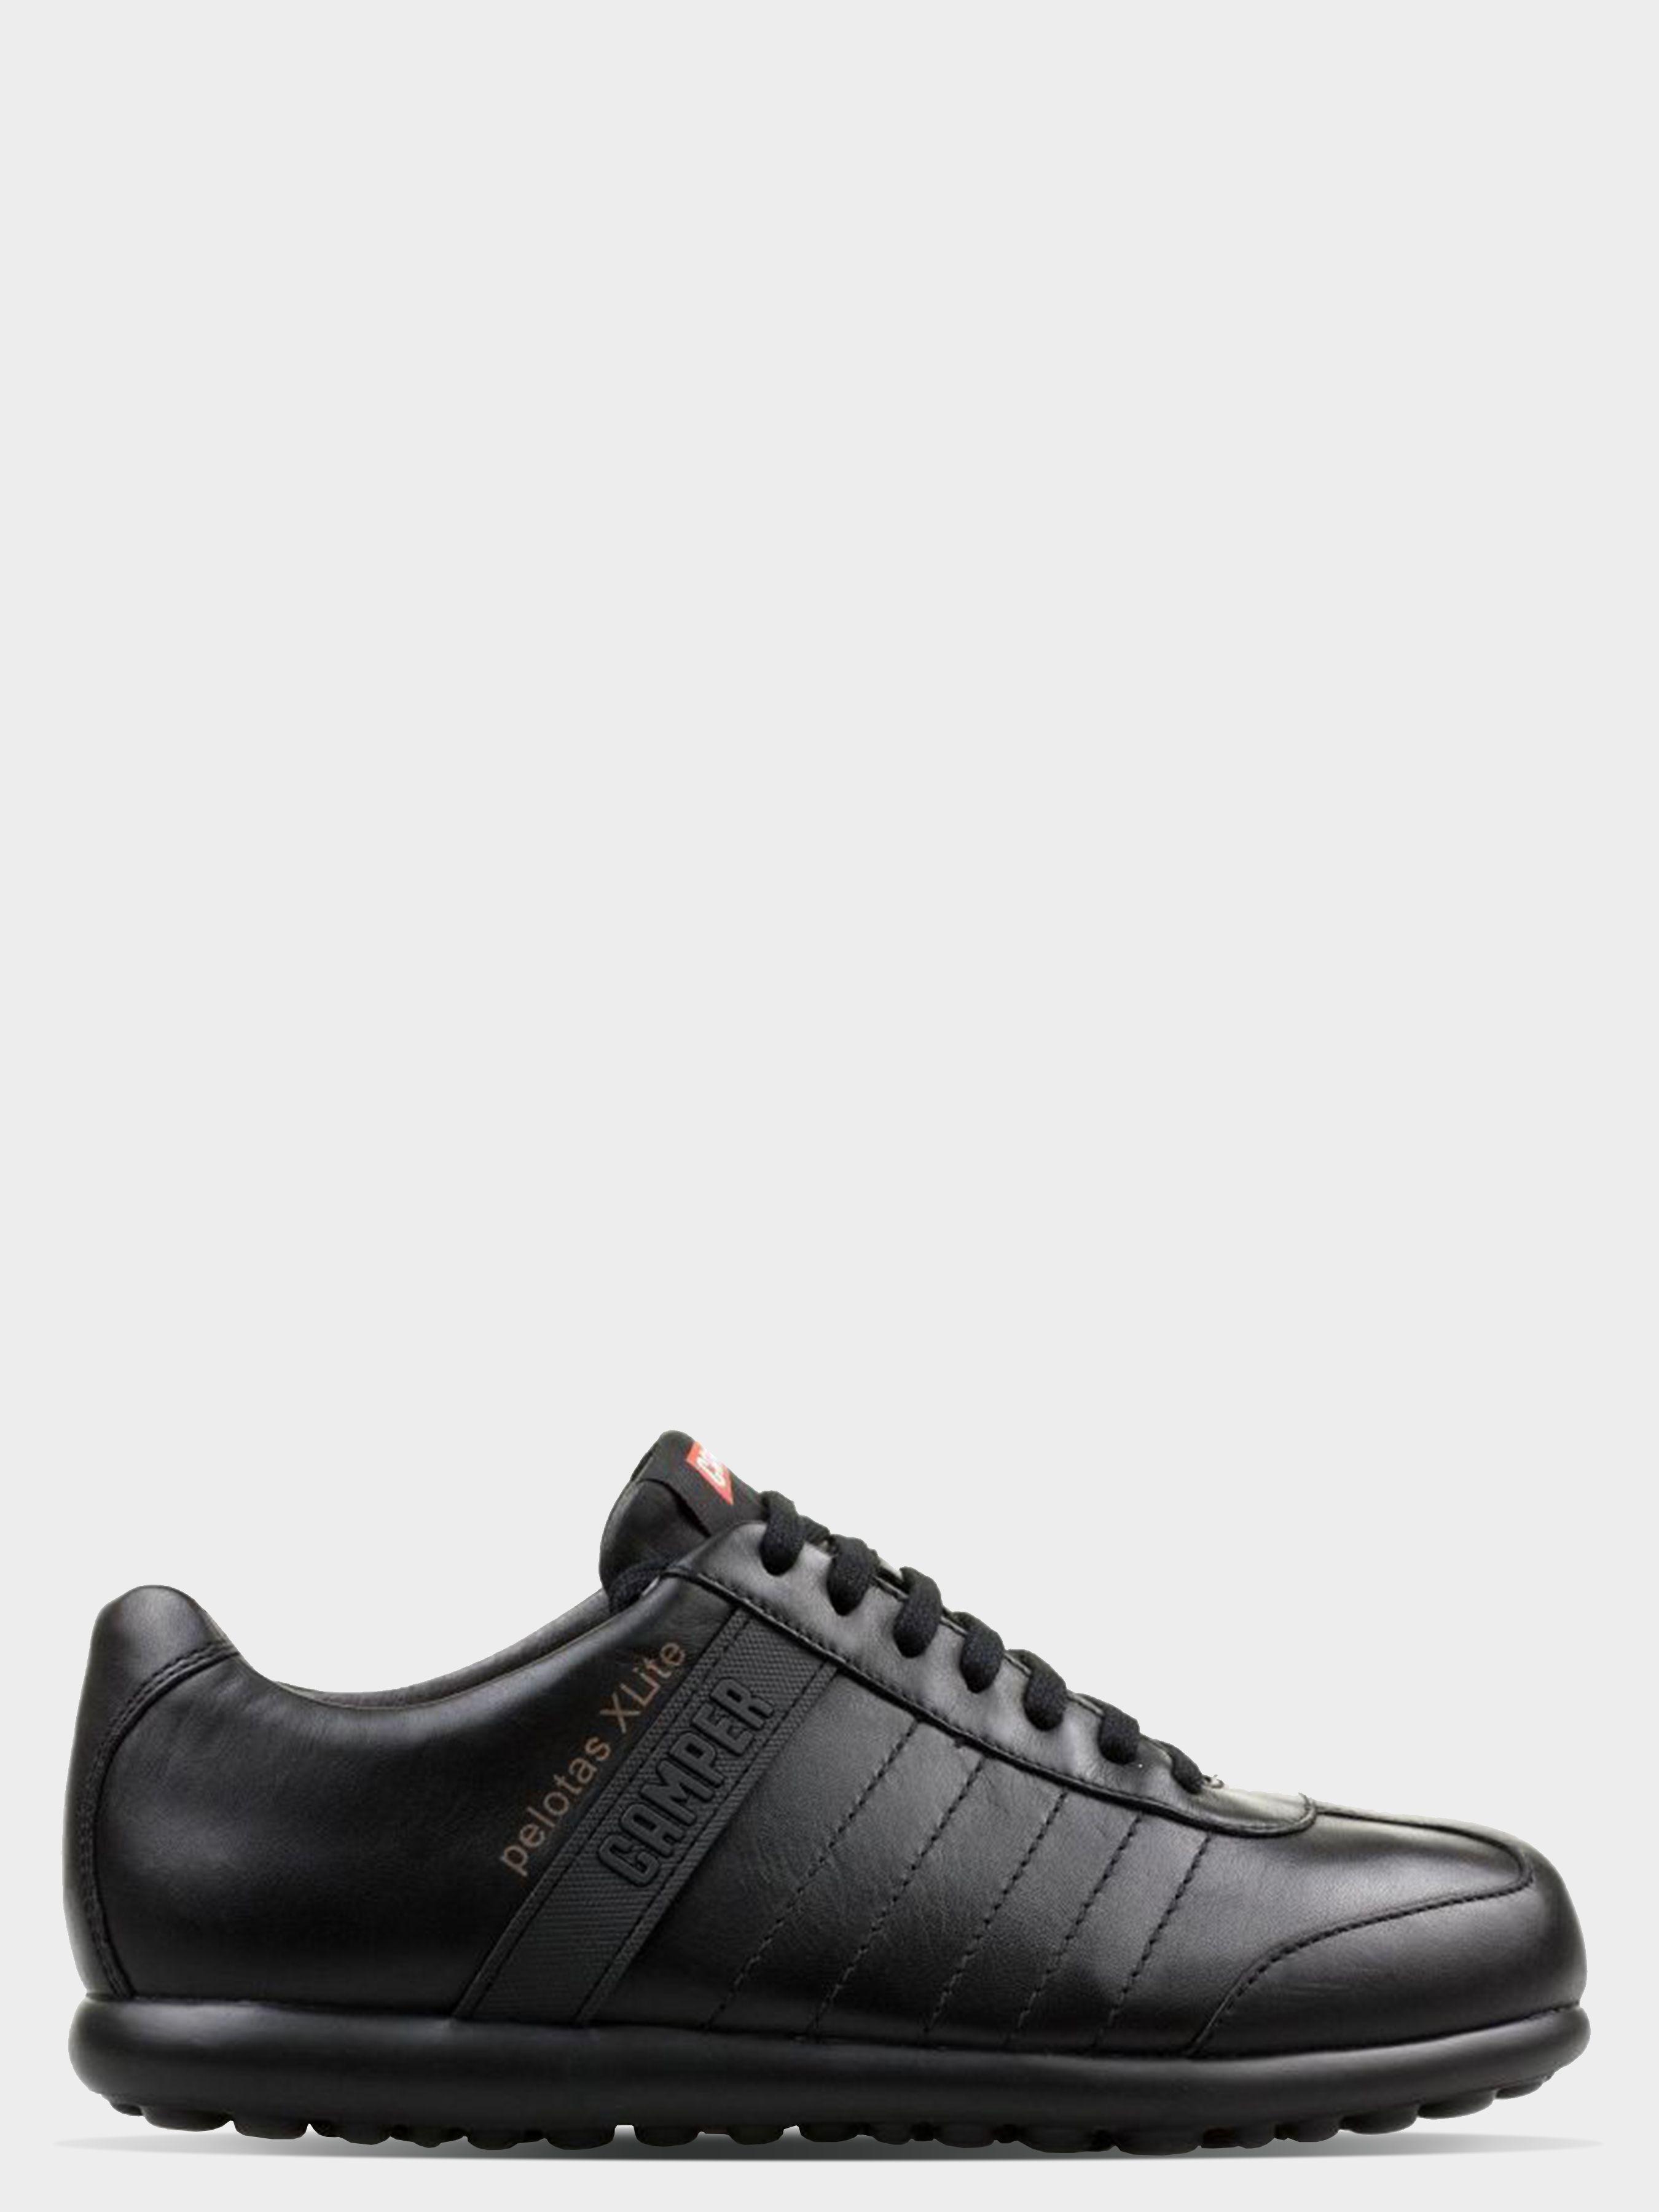 Полуботинки мужские Camper Pelotas XL AM403 купить обувь, 2017